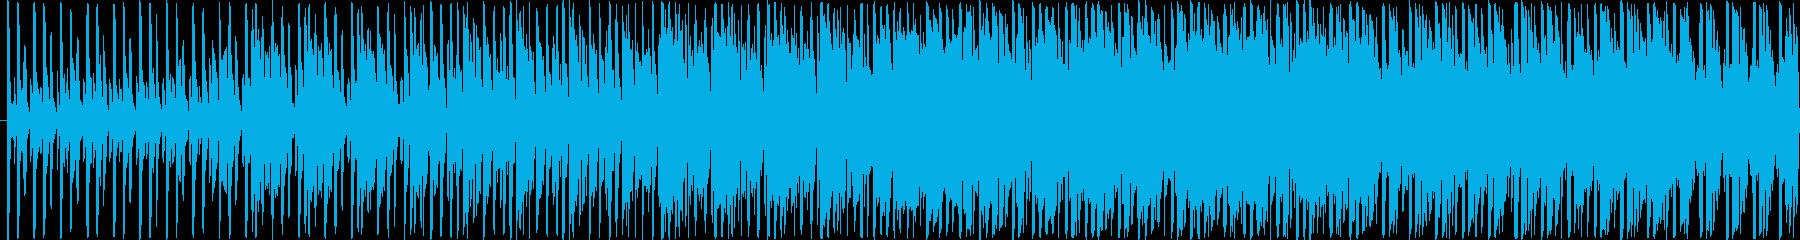 ボイスサンプルを切り刻んだ後半が印象的…の再生済みの波形